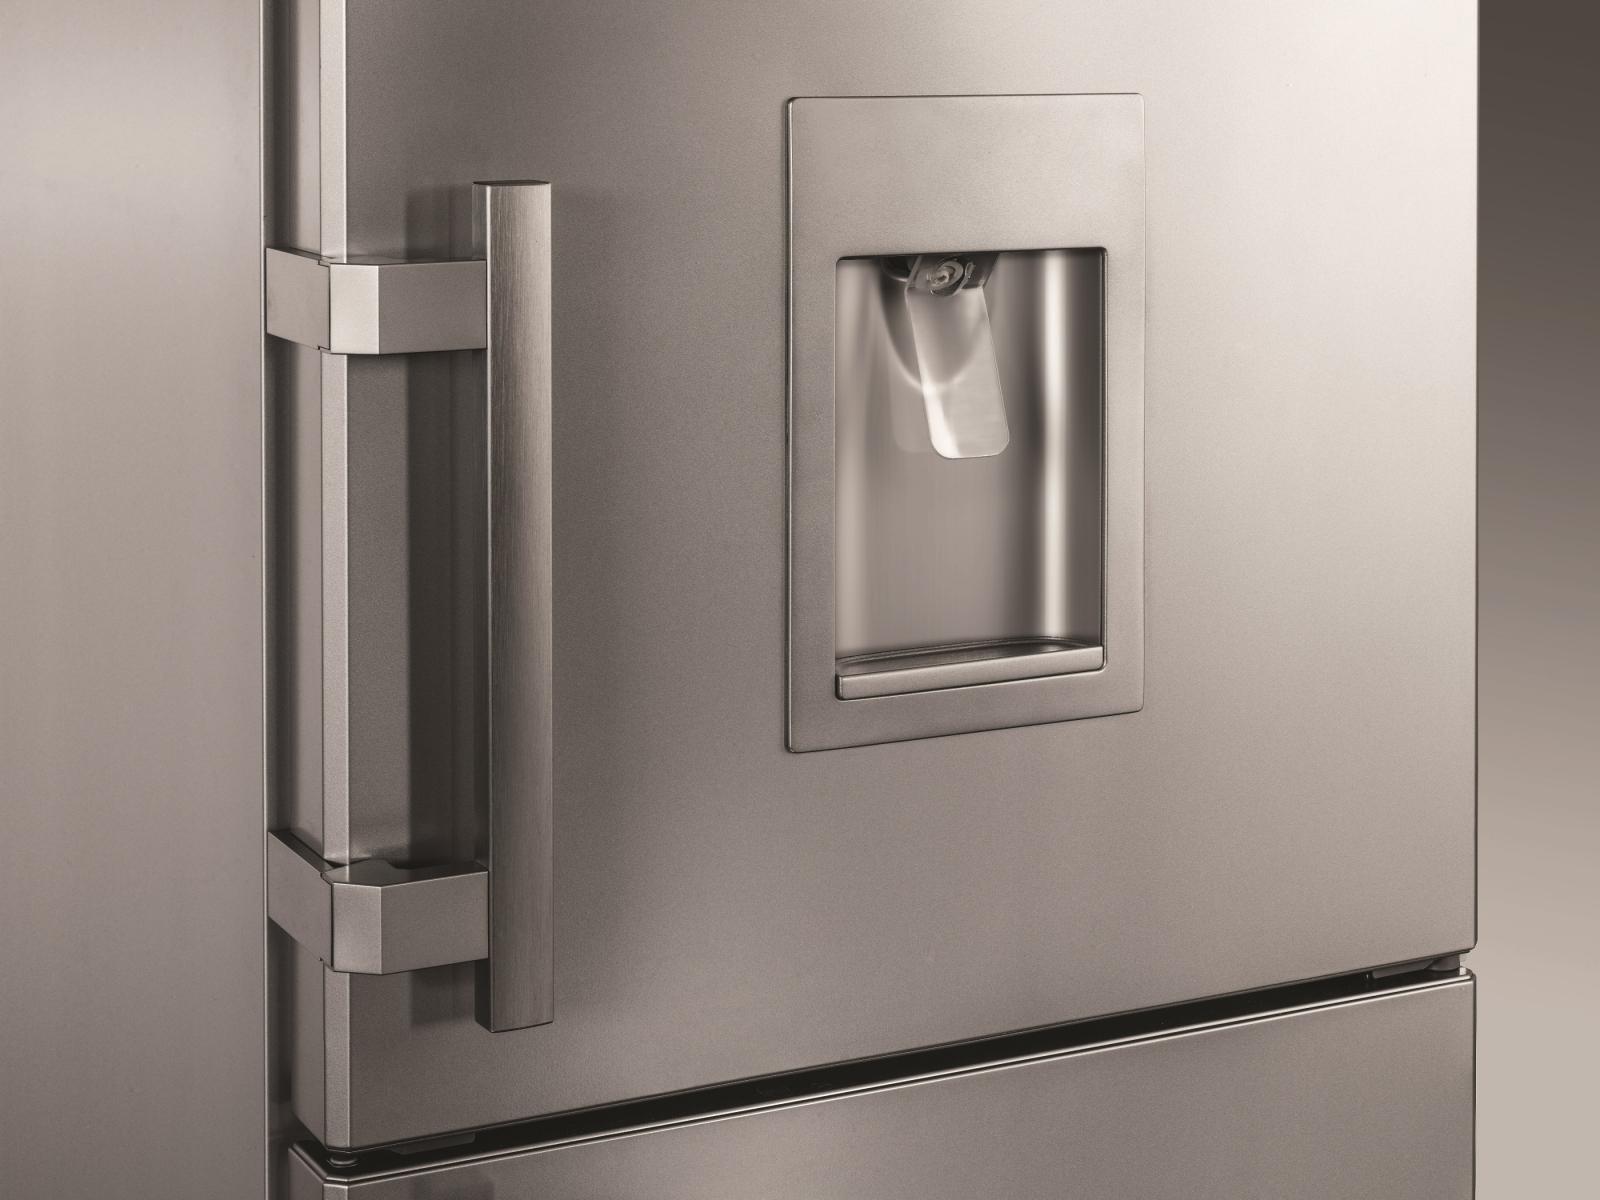 купить Двухкамерный холодильник Liebherr CNef 3535 Украина фото 10